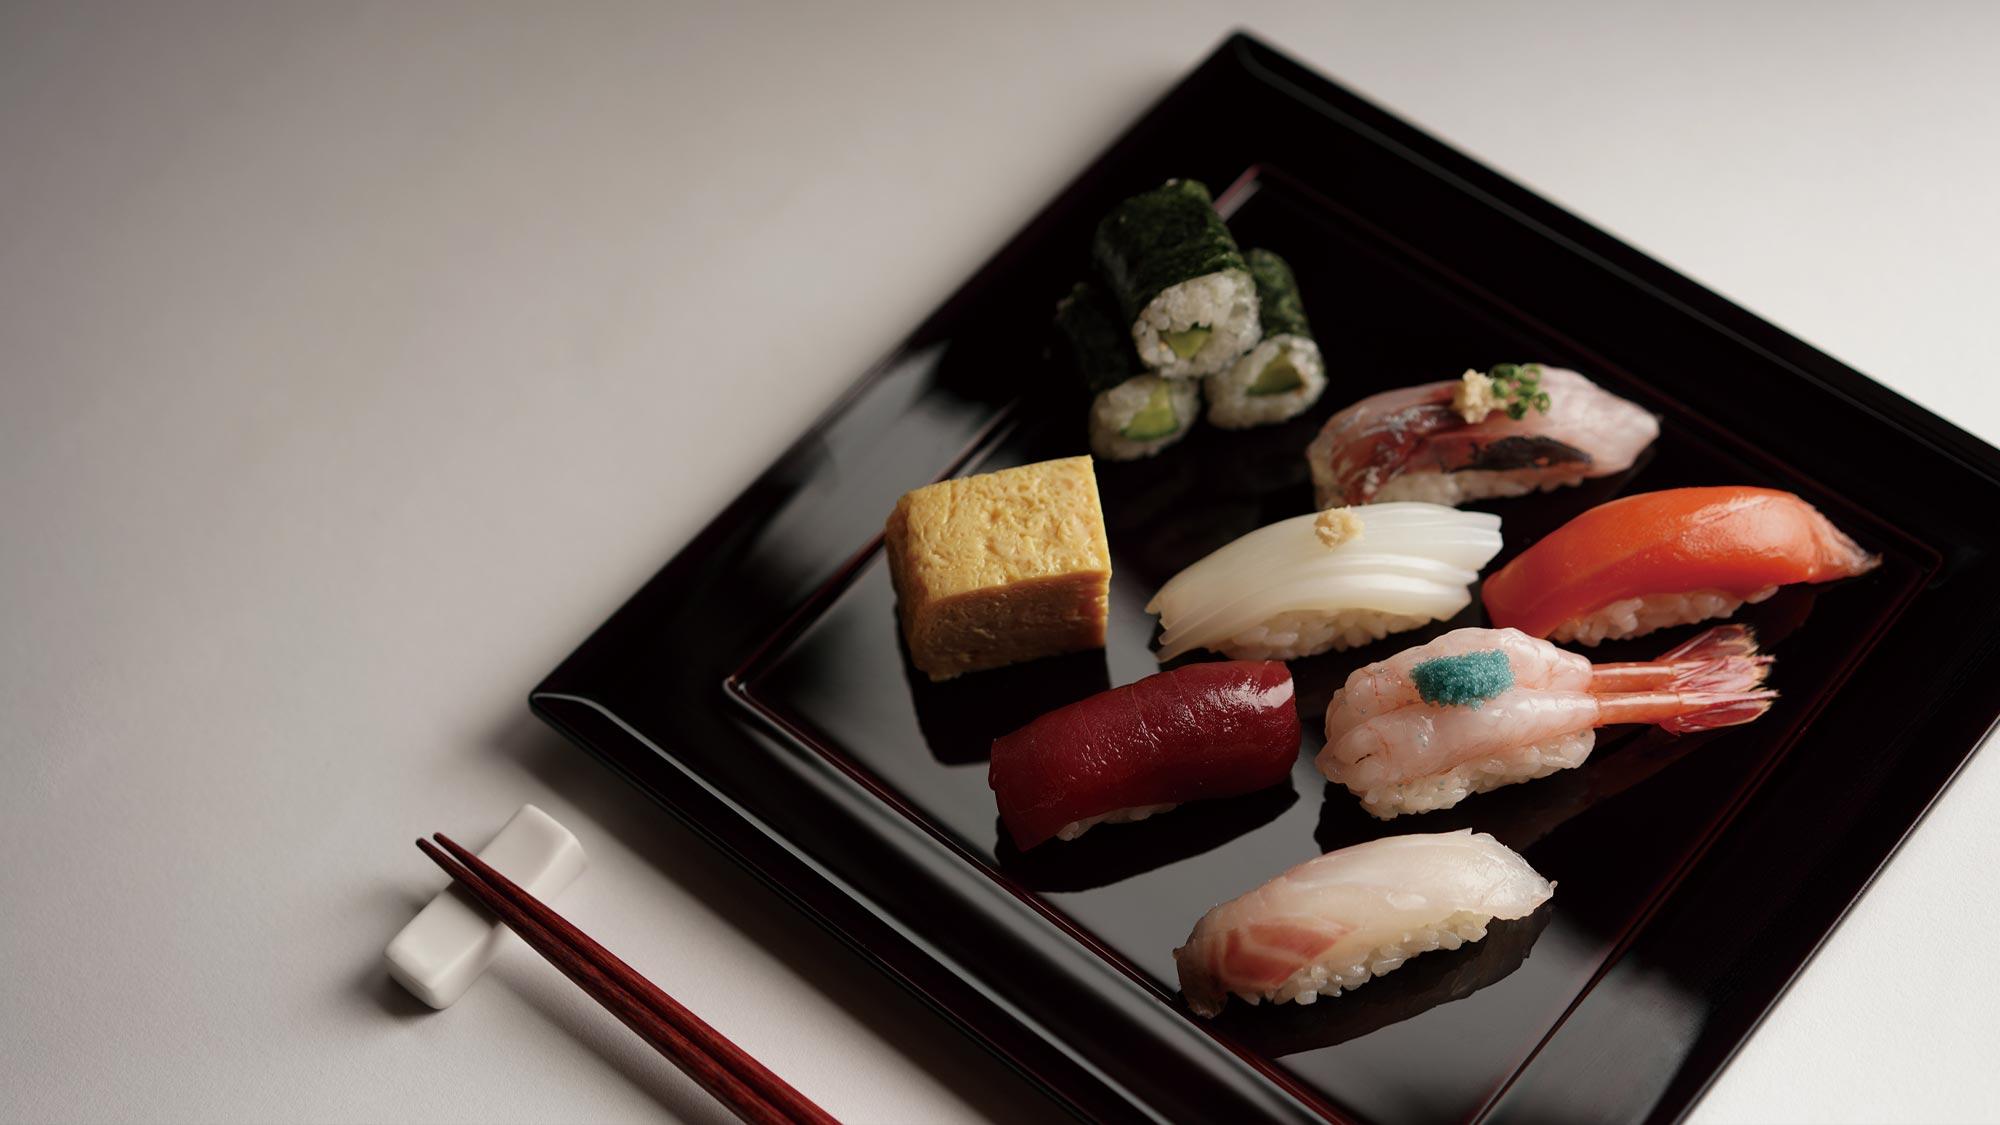 鮨 風和利のMENU Kaga Kaisai Sushiの画像です。